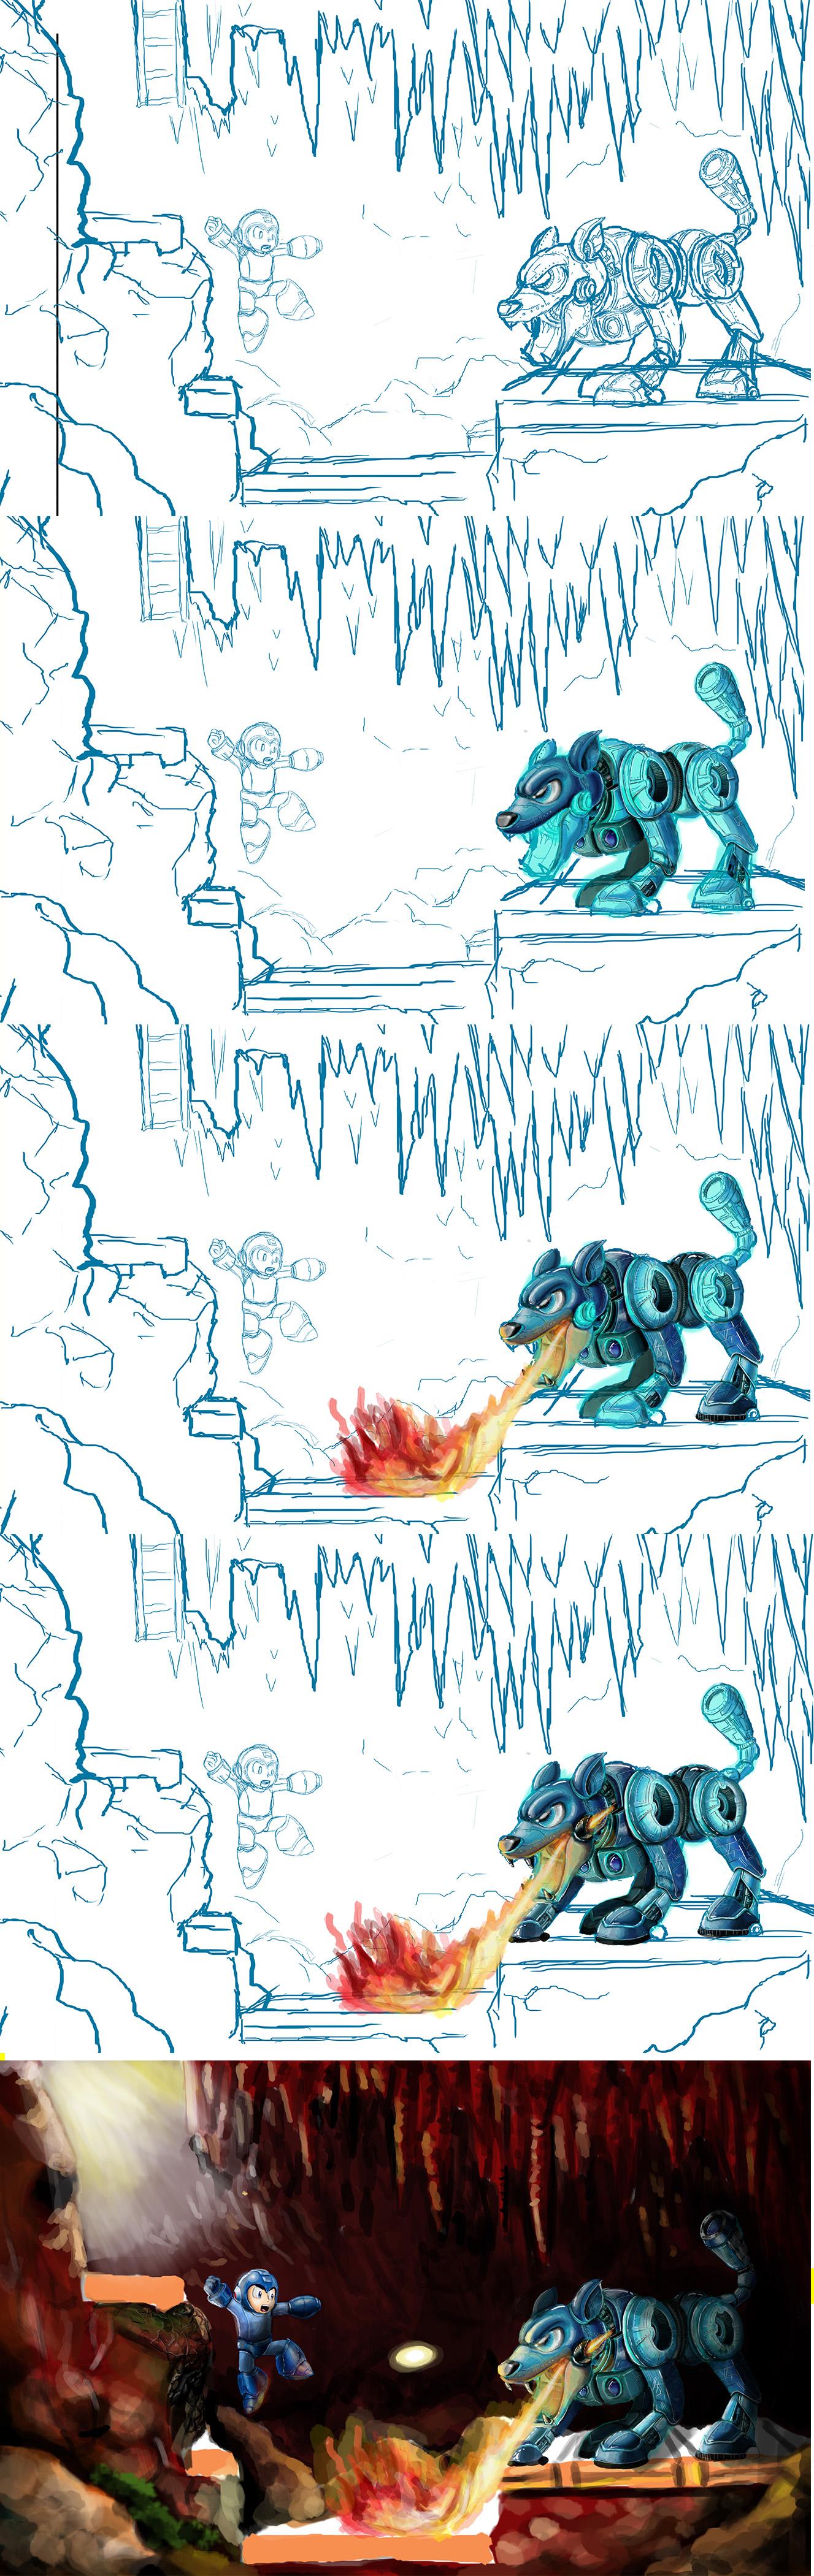 Megaman Progress